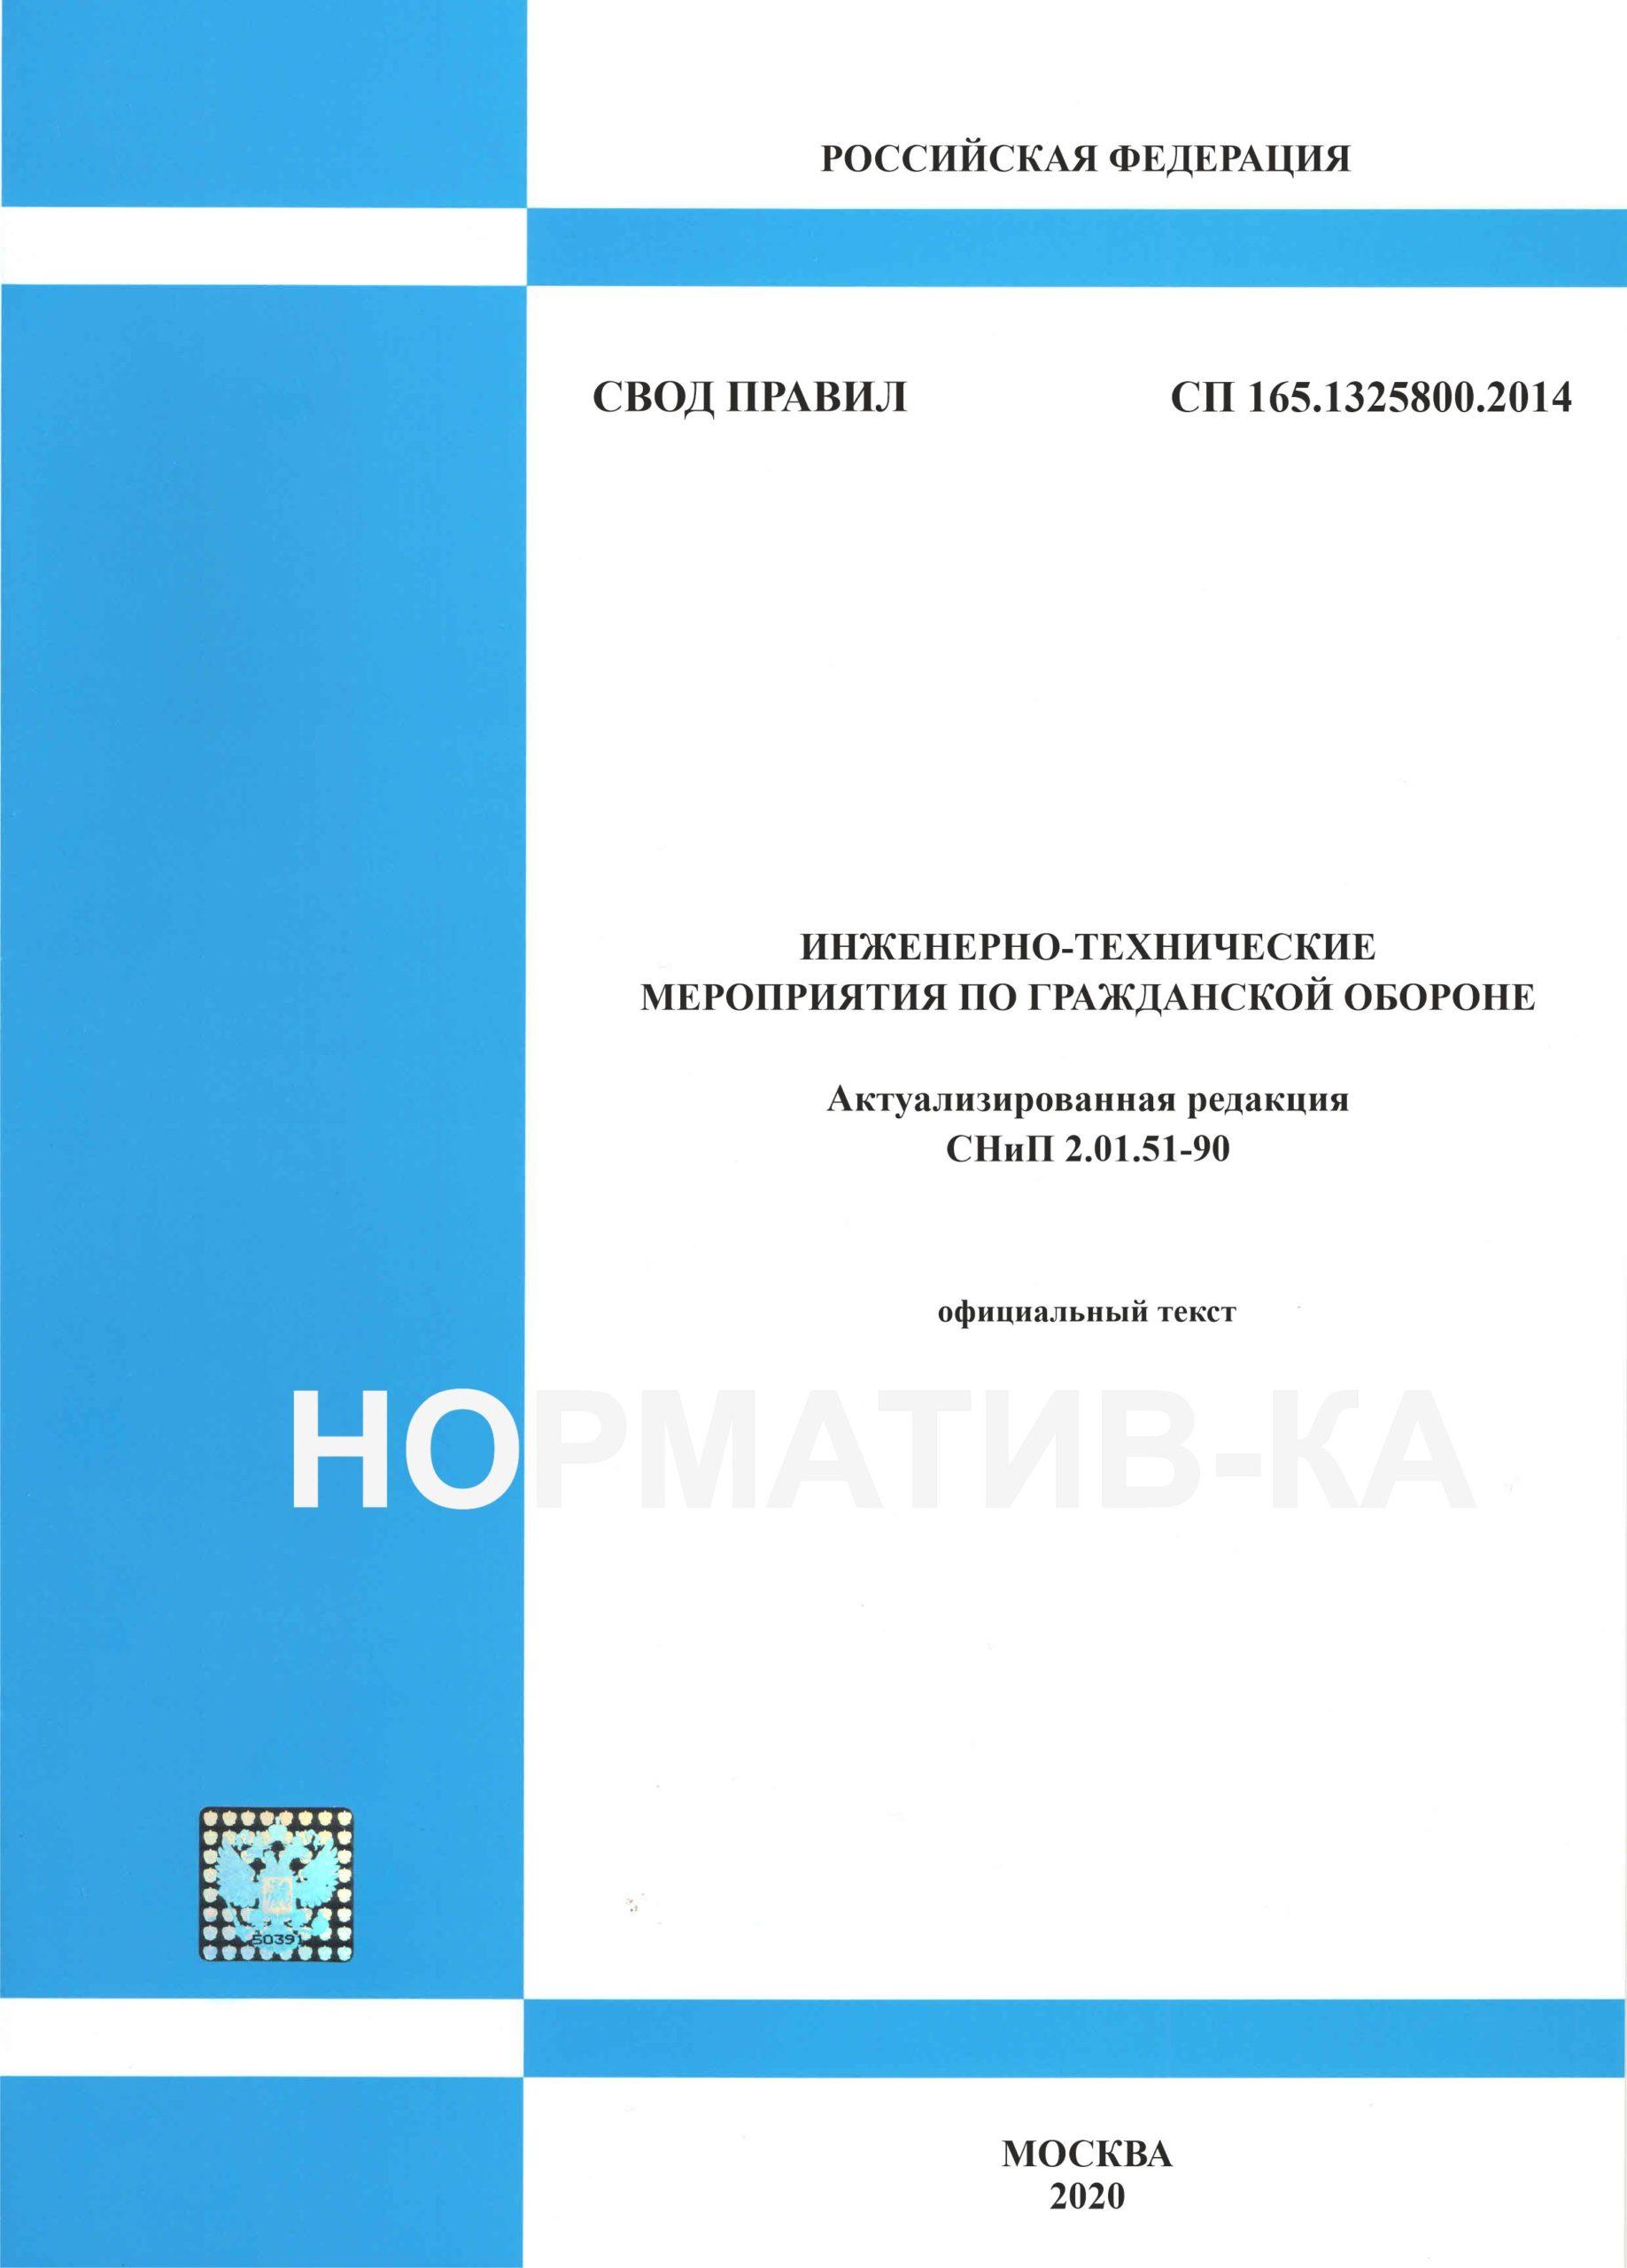 СП 165.1325800.2014